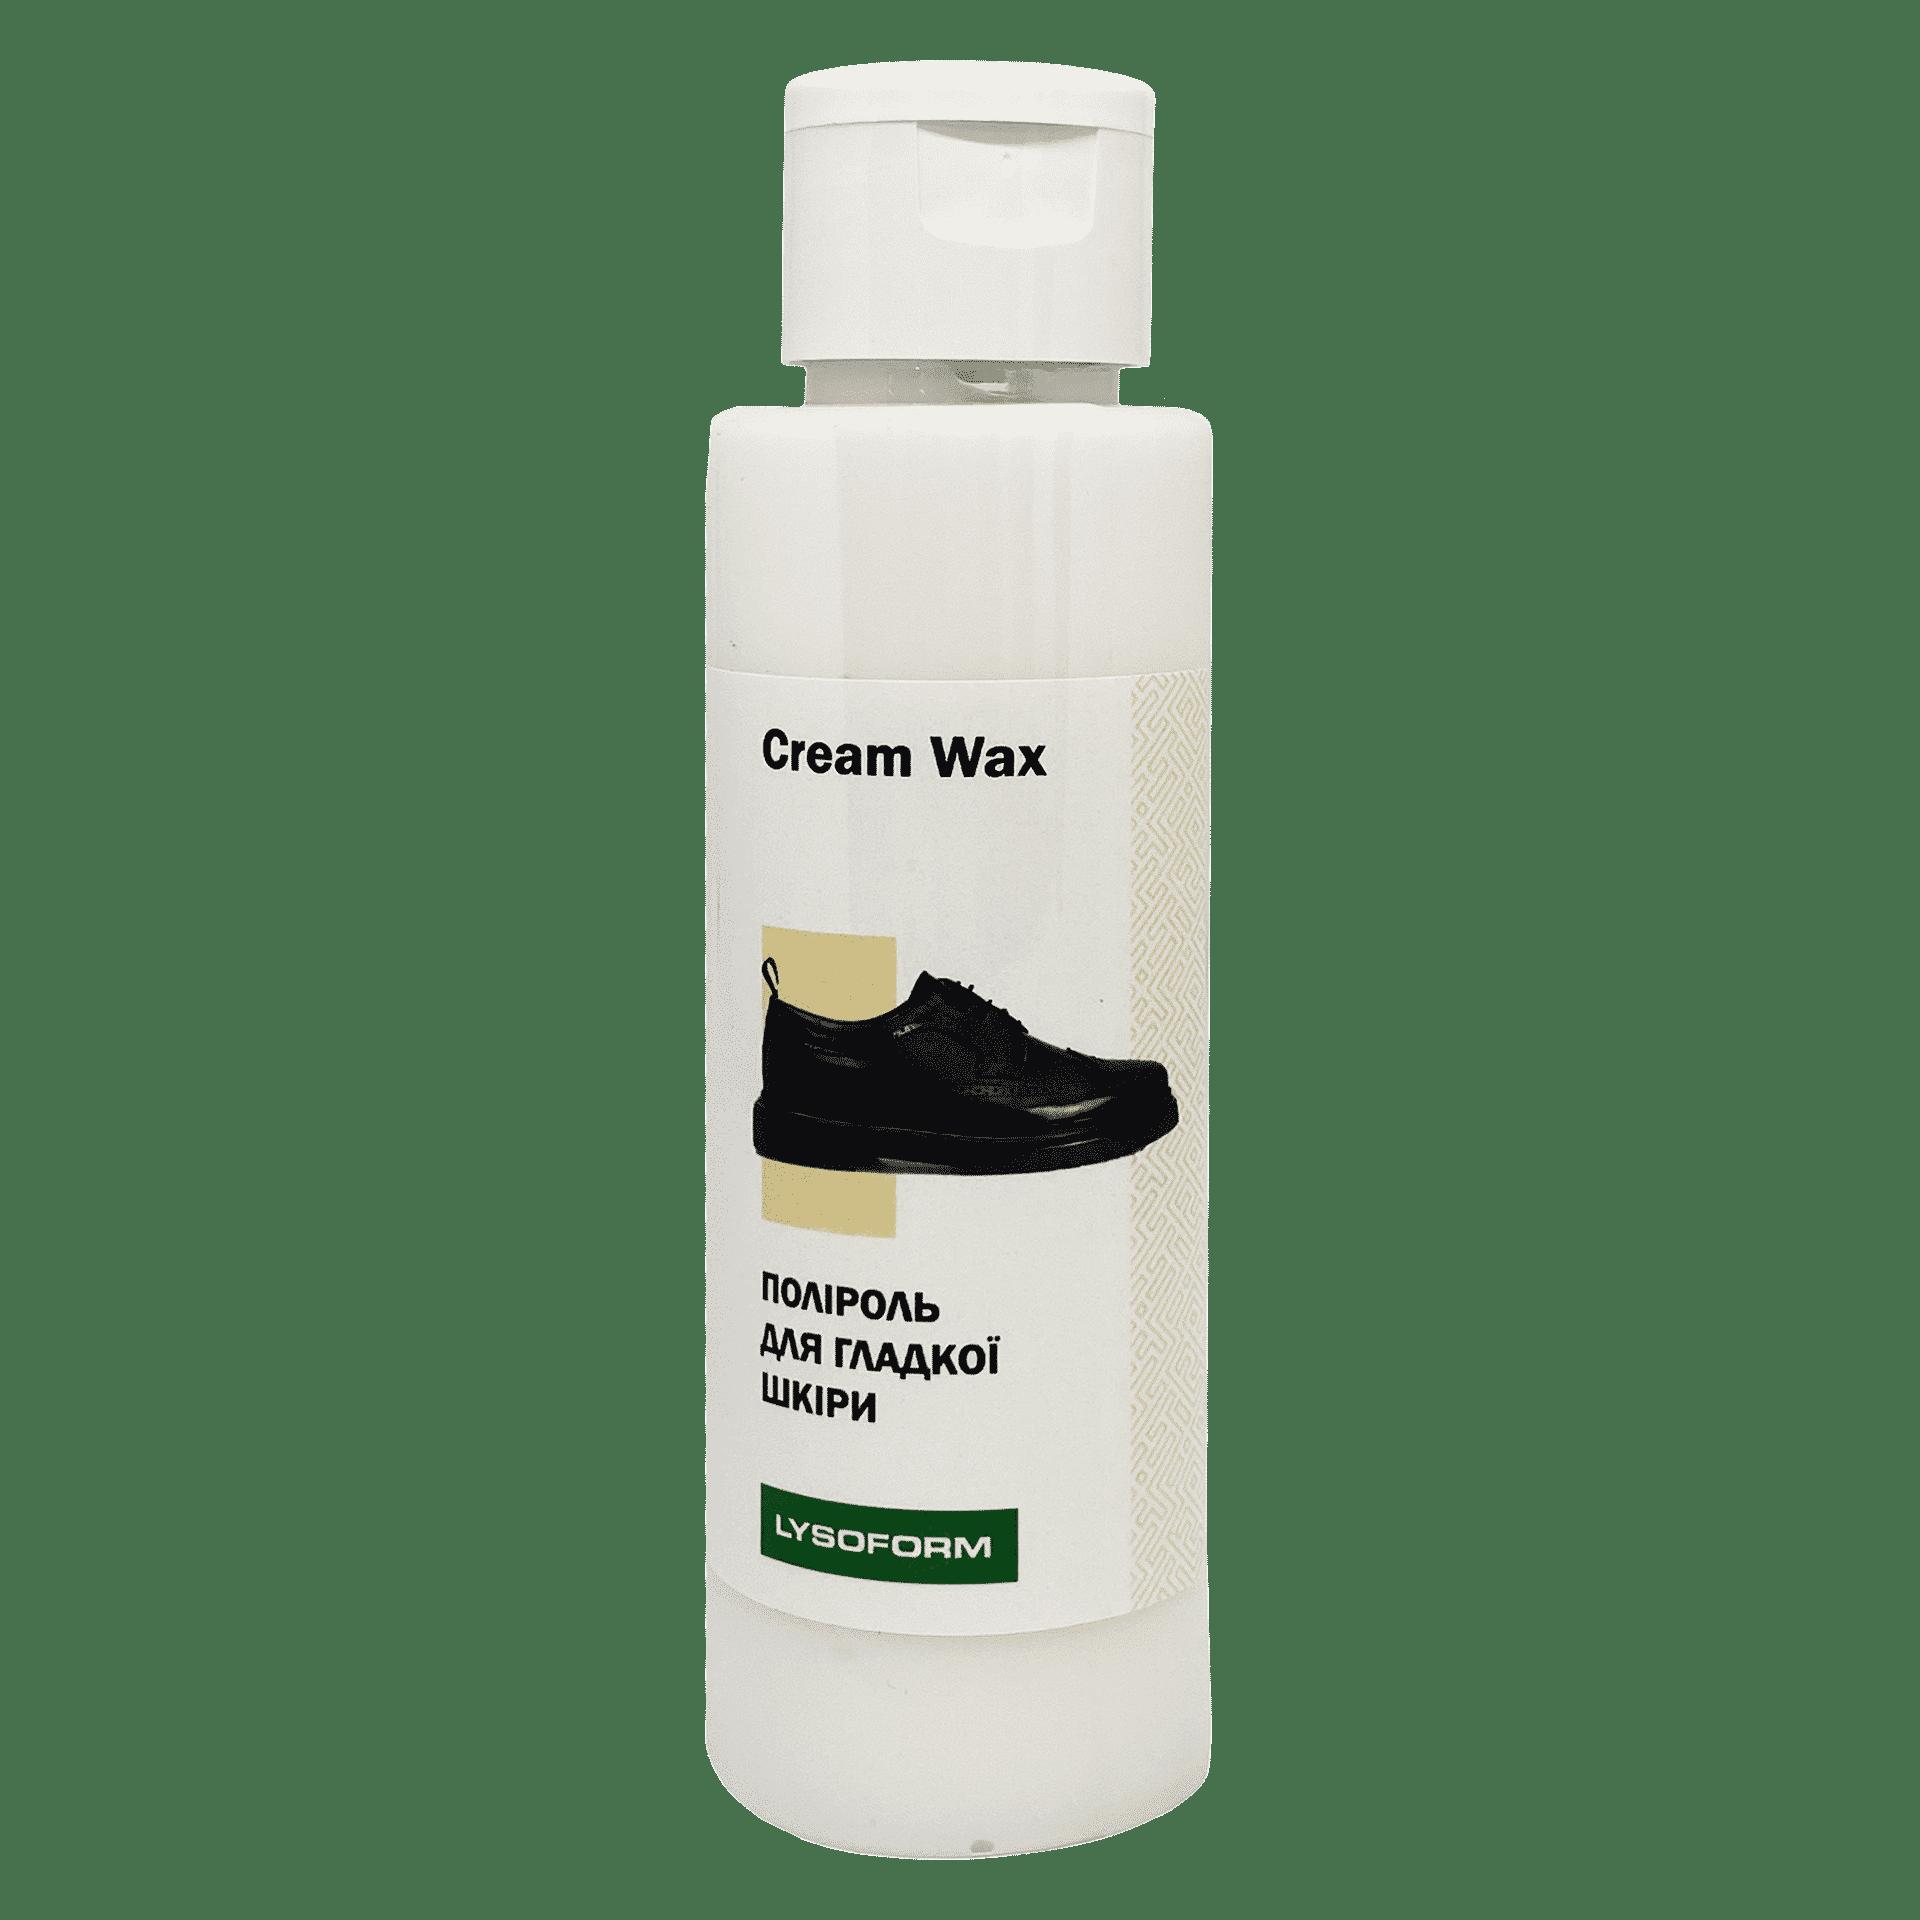 Поліроль для гладкої шкіри Cream Wax, 100мл